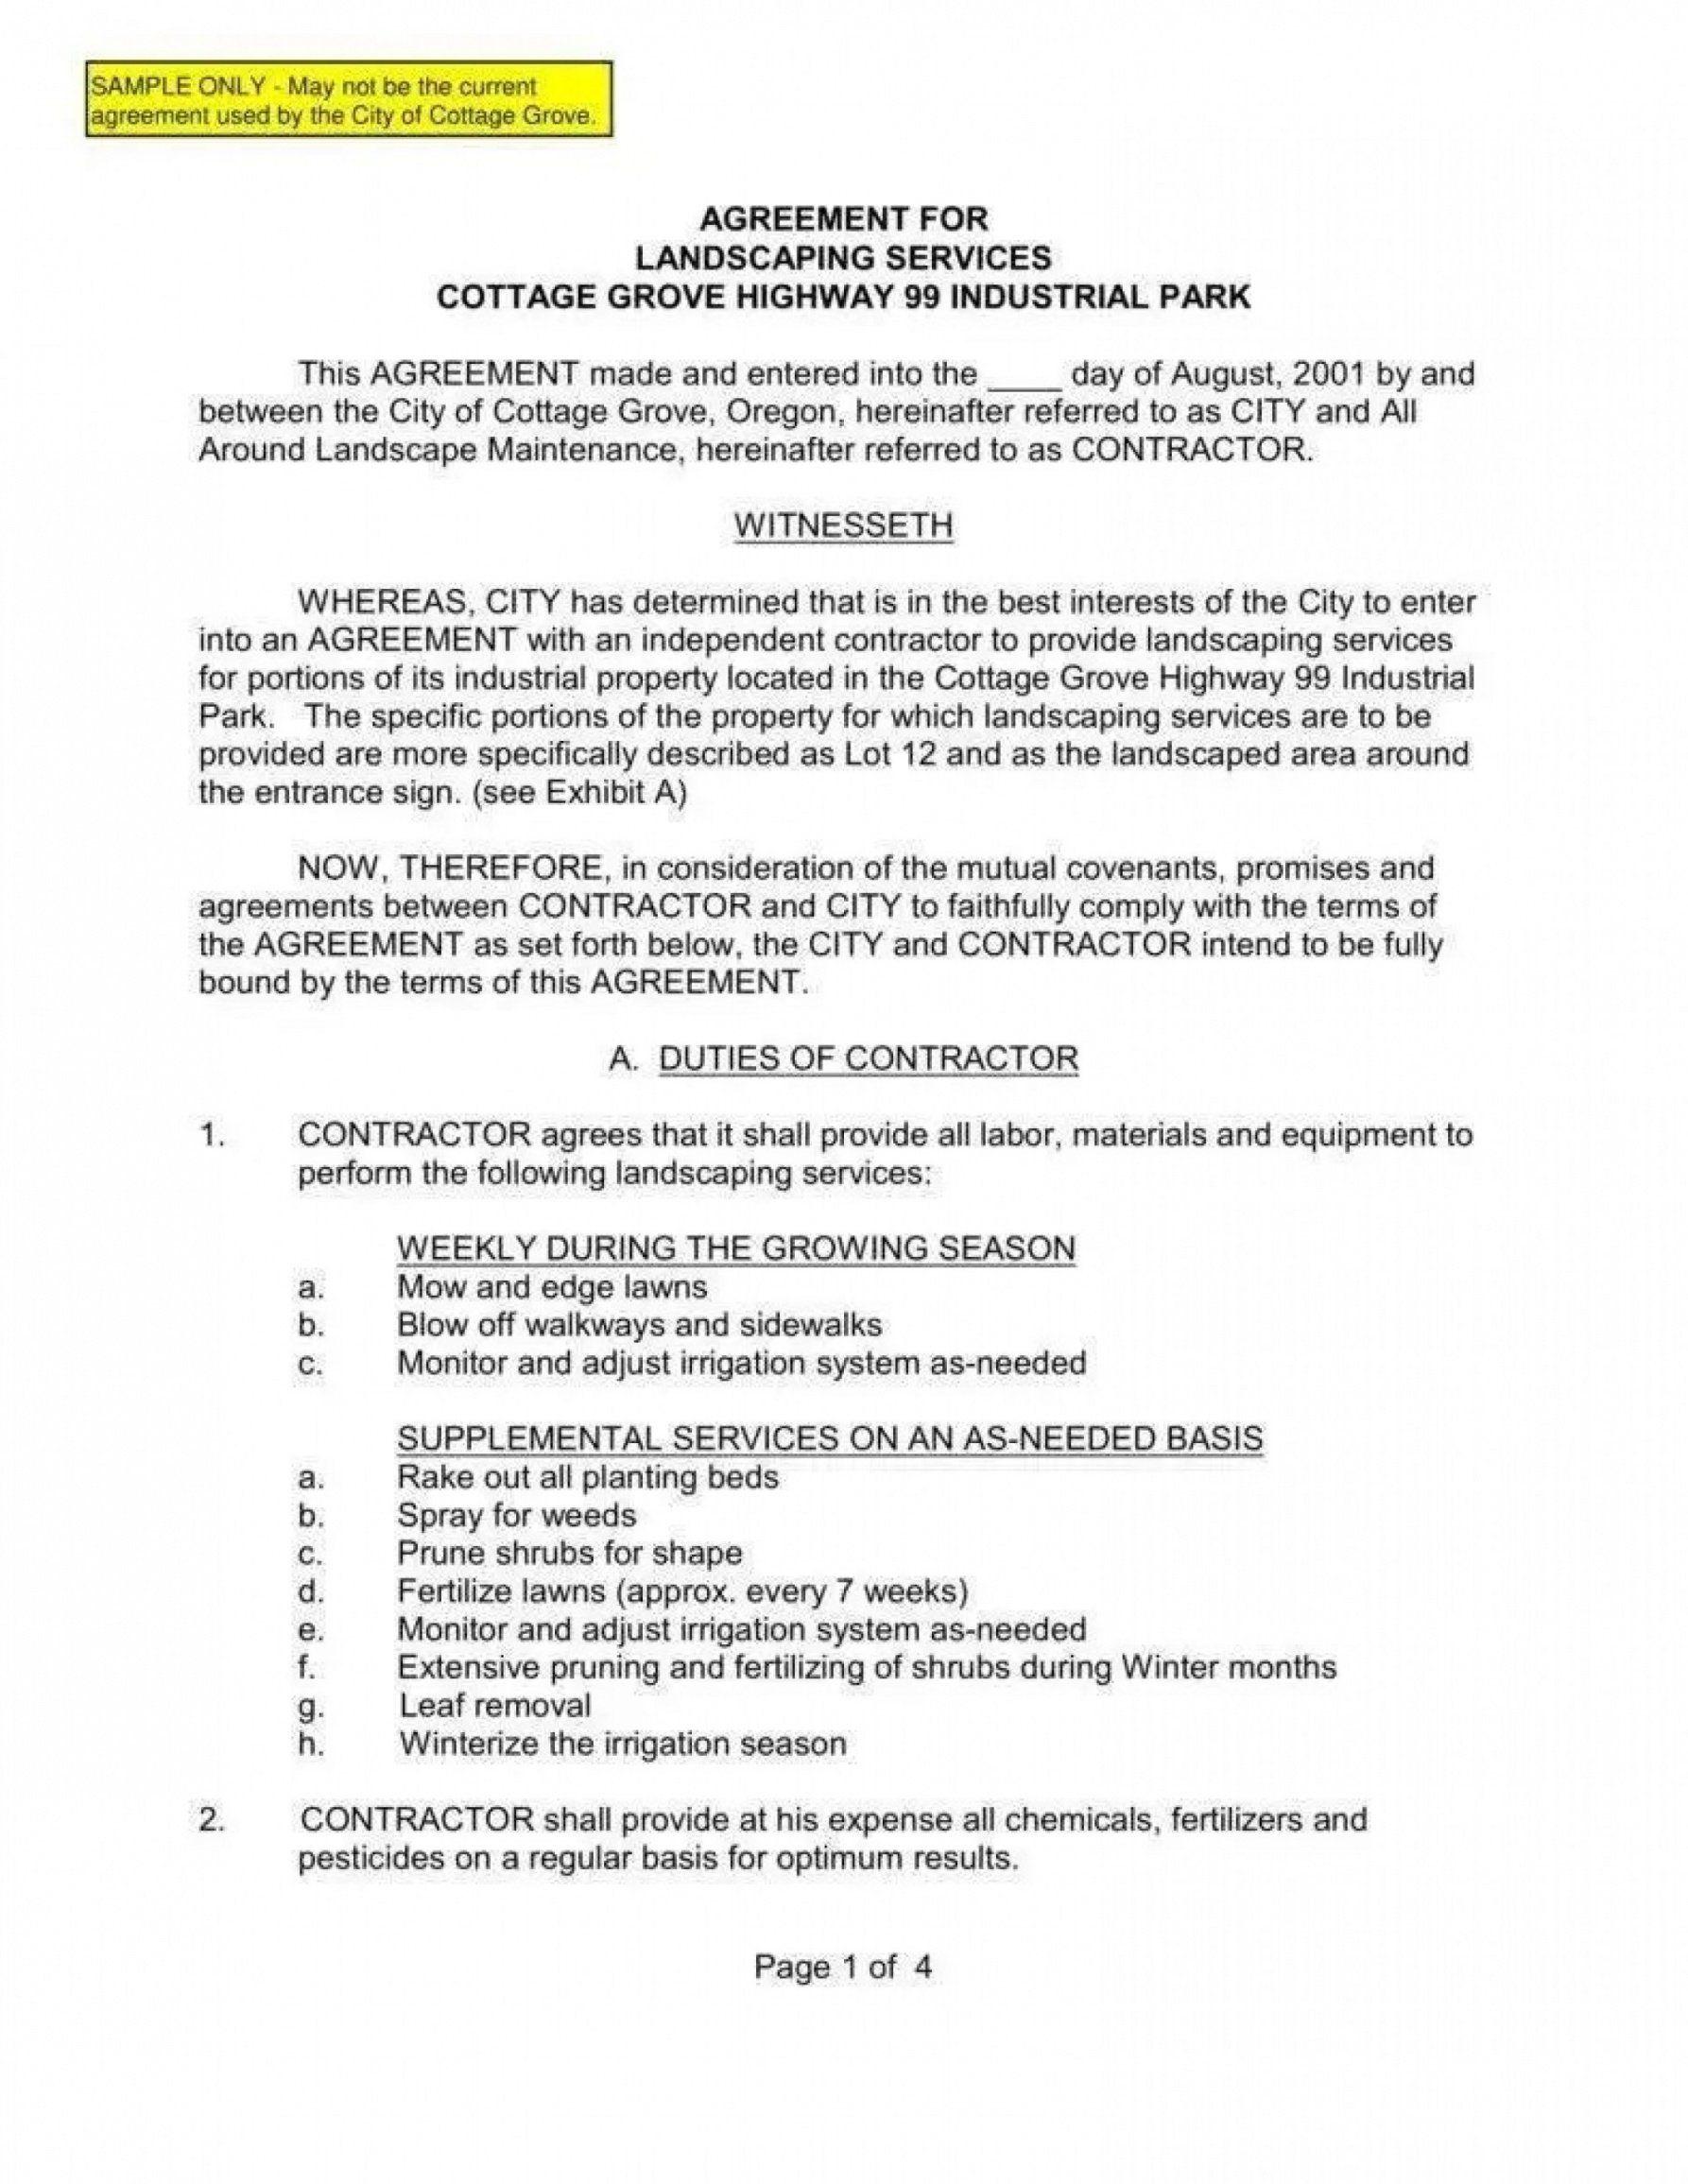 Landscape Maintenance Contract Template Addictionary Lawn Maintenance Contract Template Pdf In 2021 Contract Template Landscape Maintenance Landscape Services